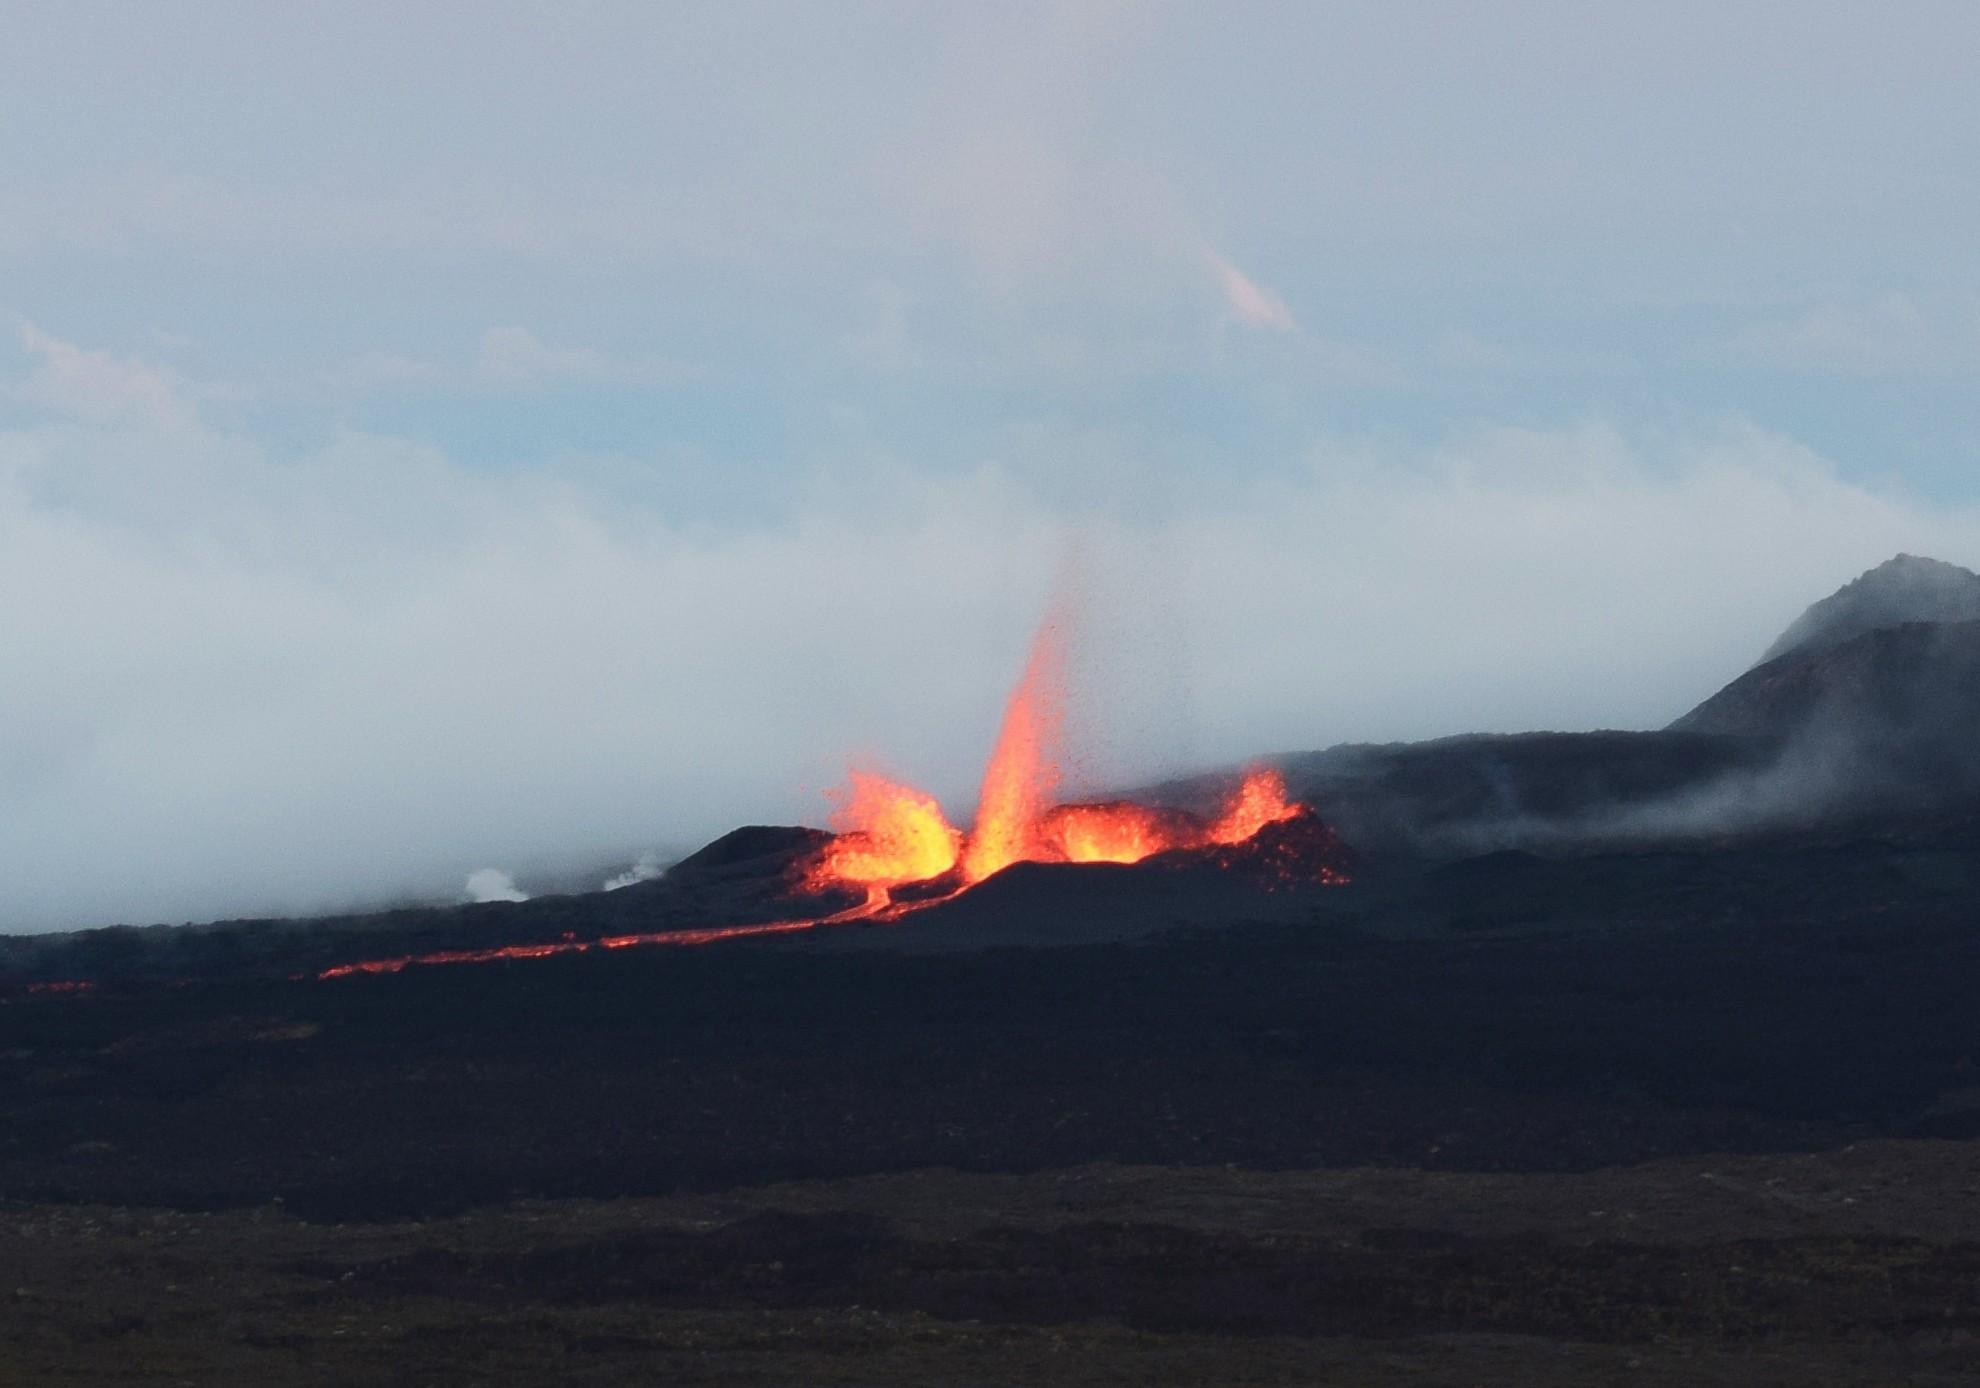 Notre première éruption volcanique: un moment magique